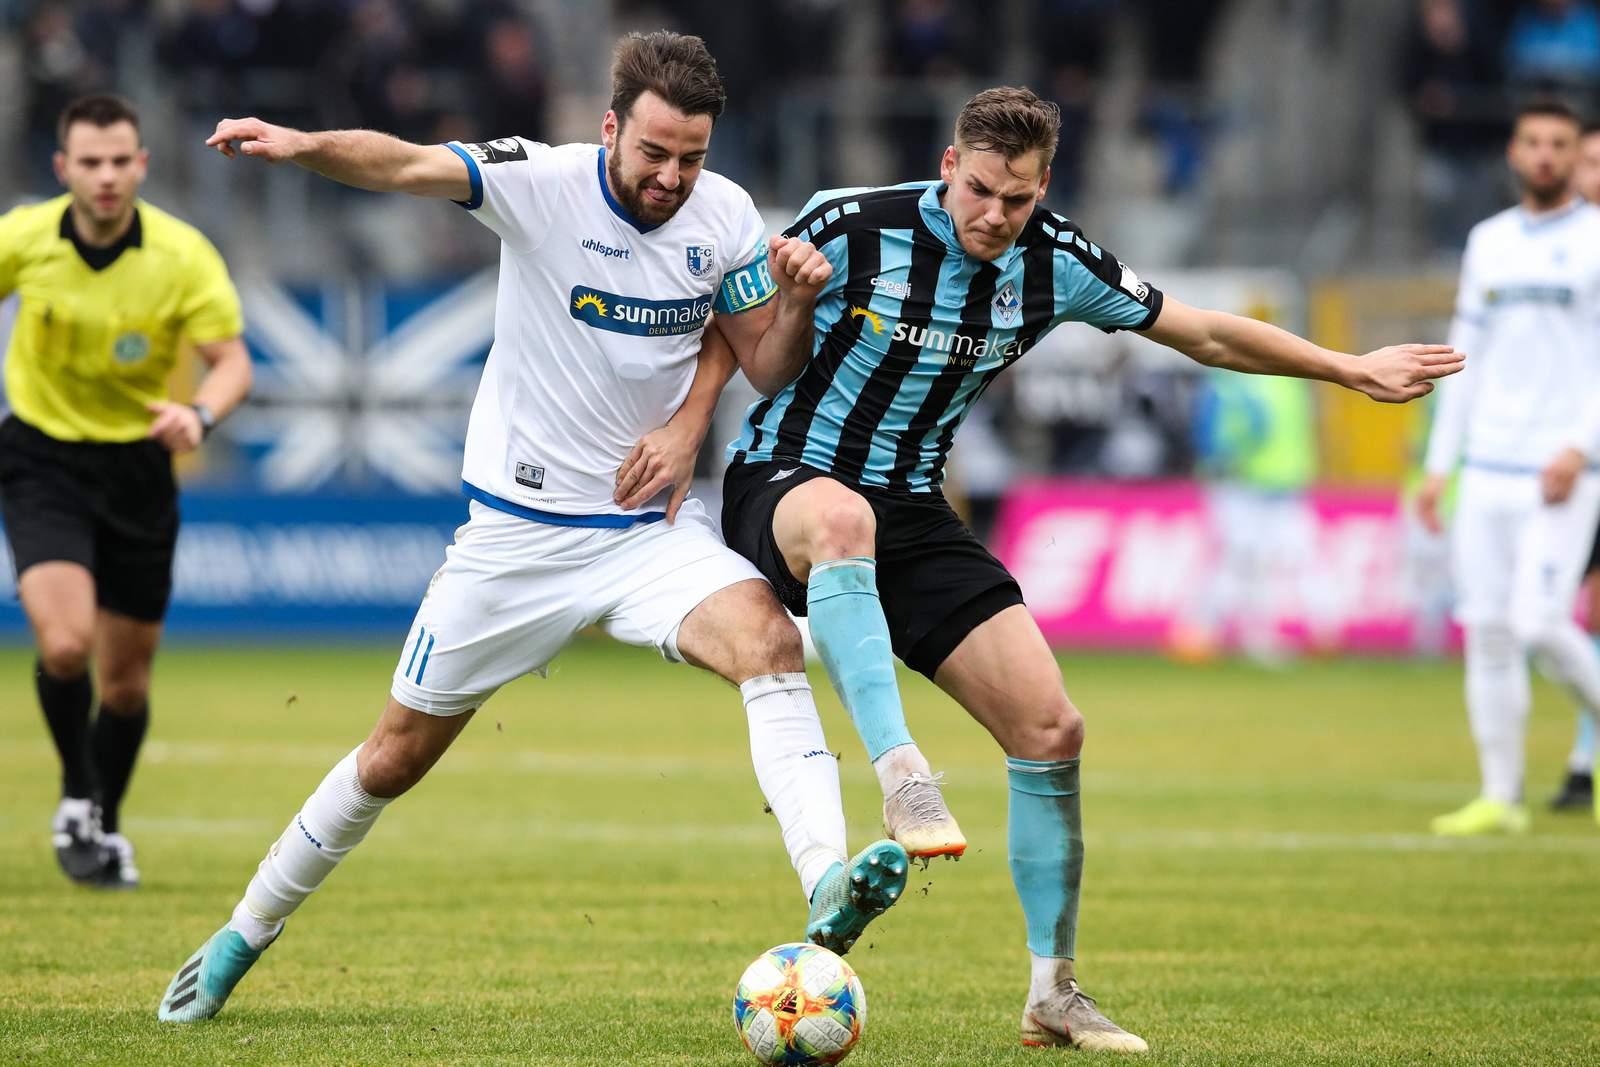 Christian Beck vom 1. FC Magdeburg gegen Max Christiansen von Waldhof Mannheim